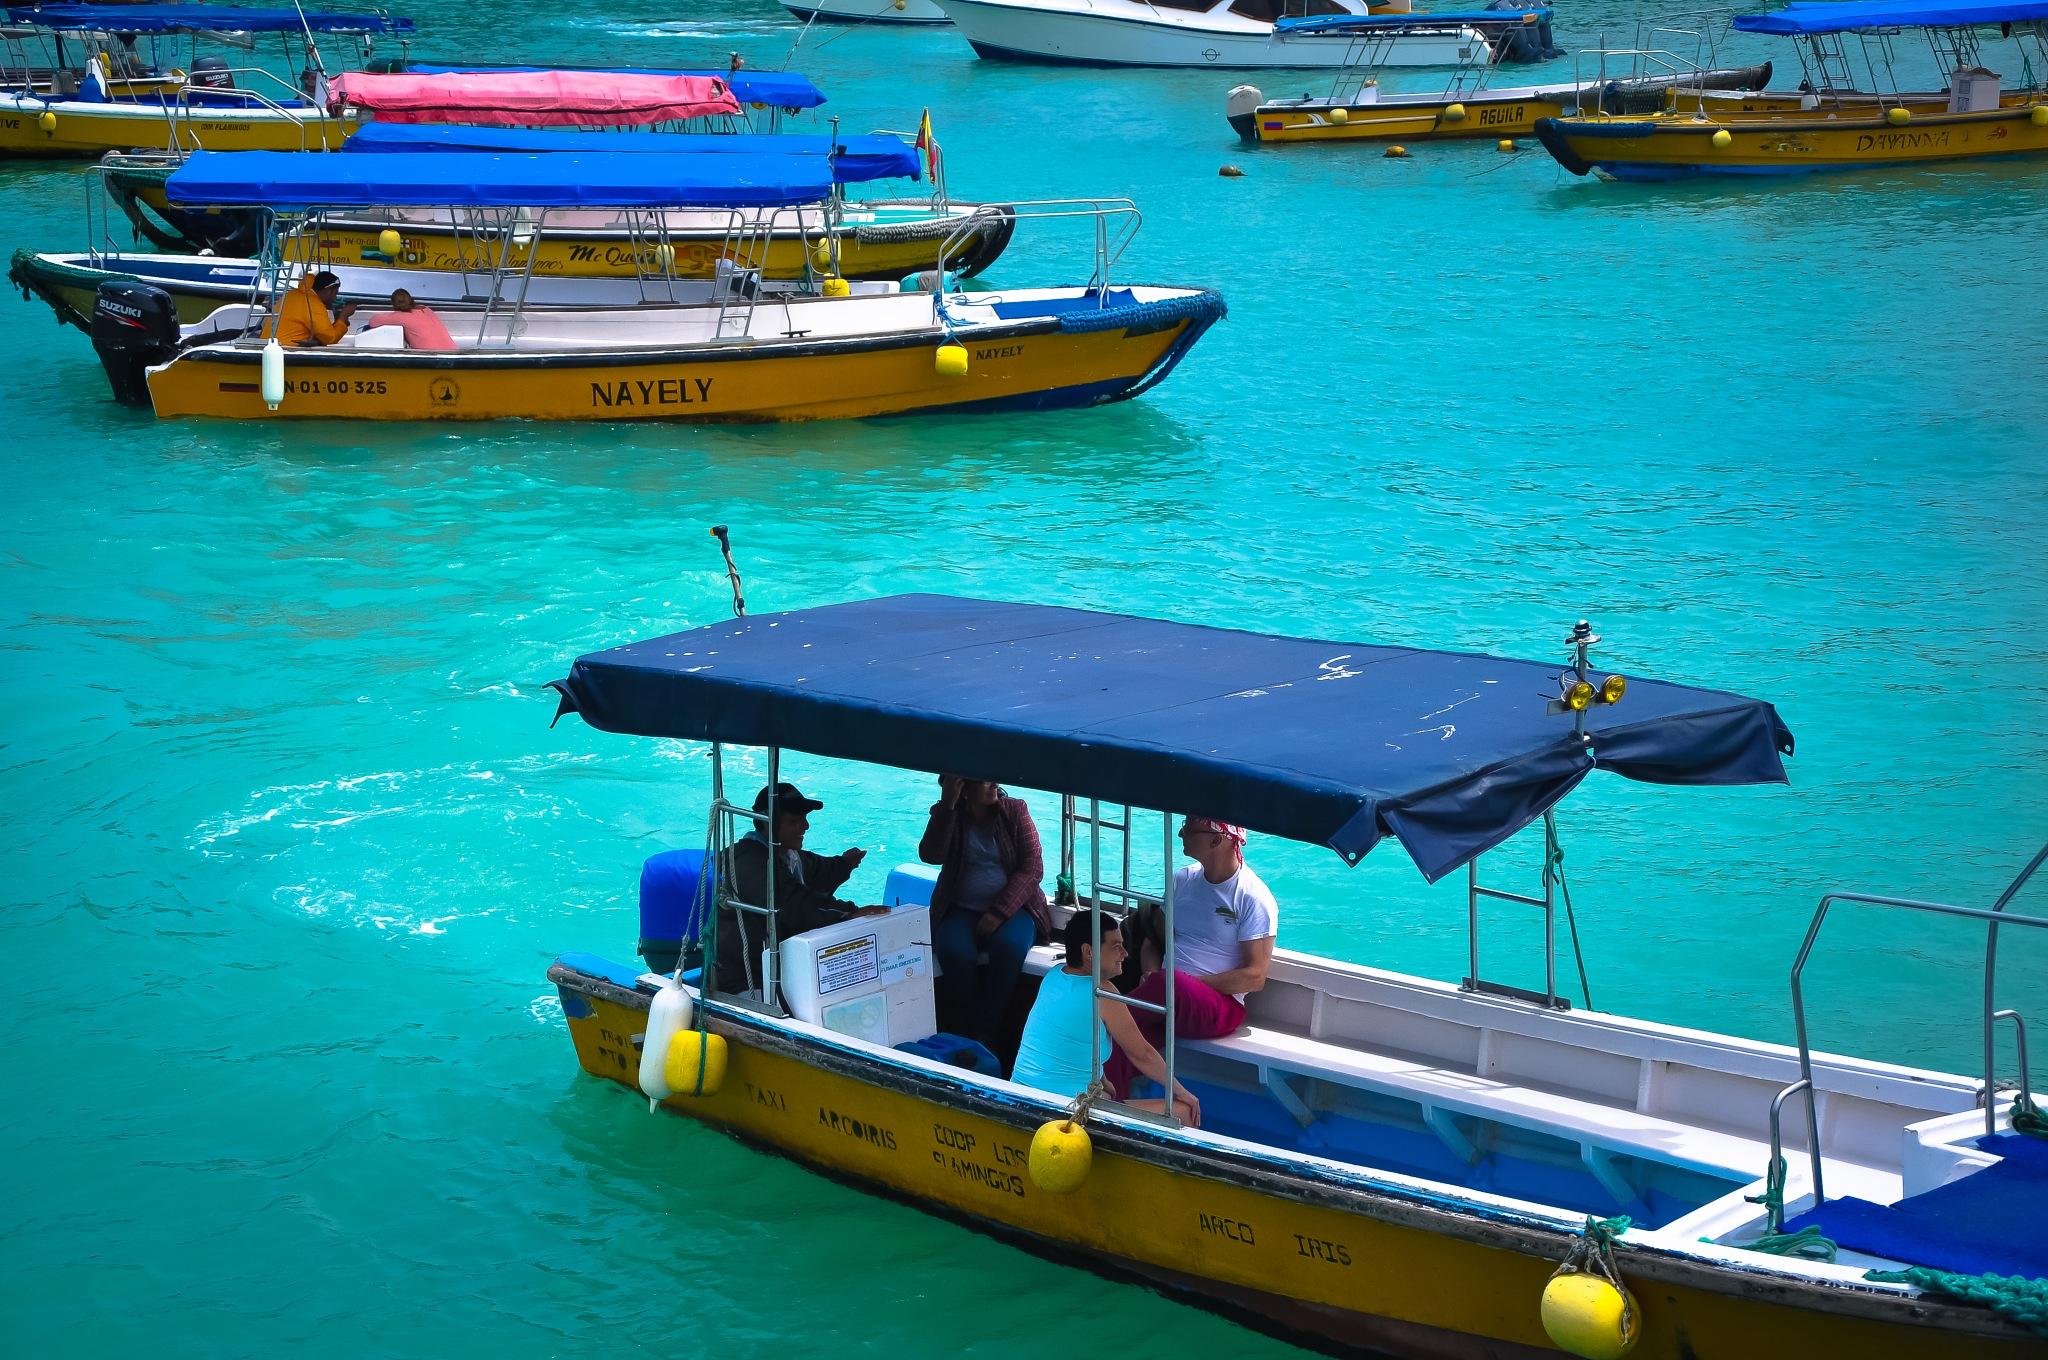 Taxis Of Puerto Ayora, Galápagos Islands (Ecuador) by Jiri Bielicky